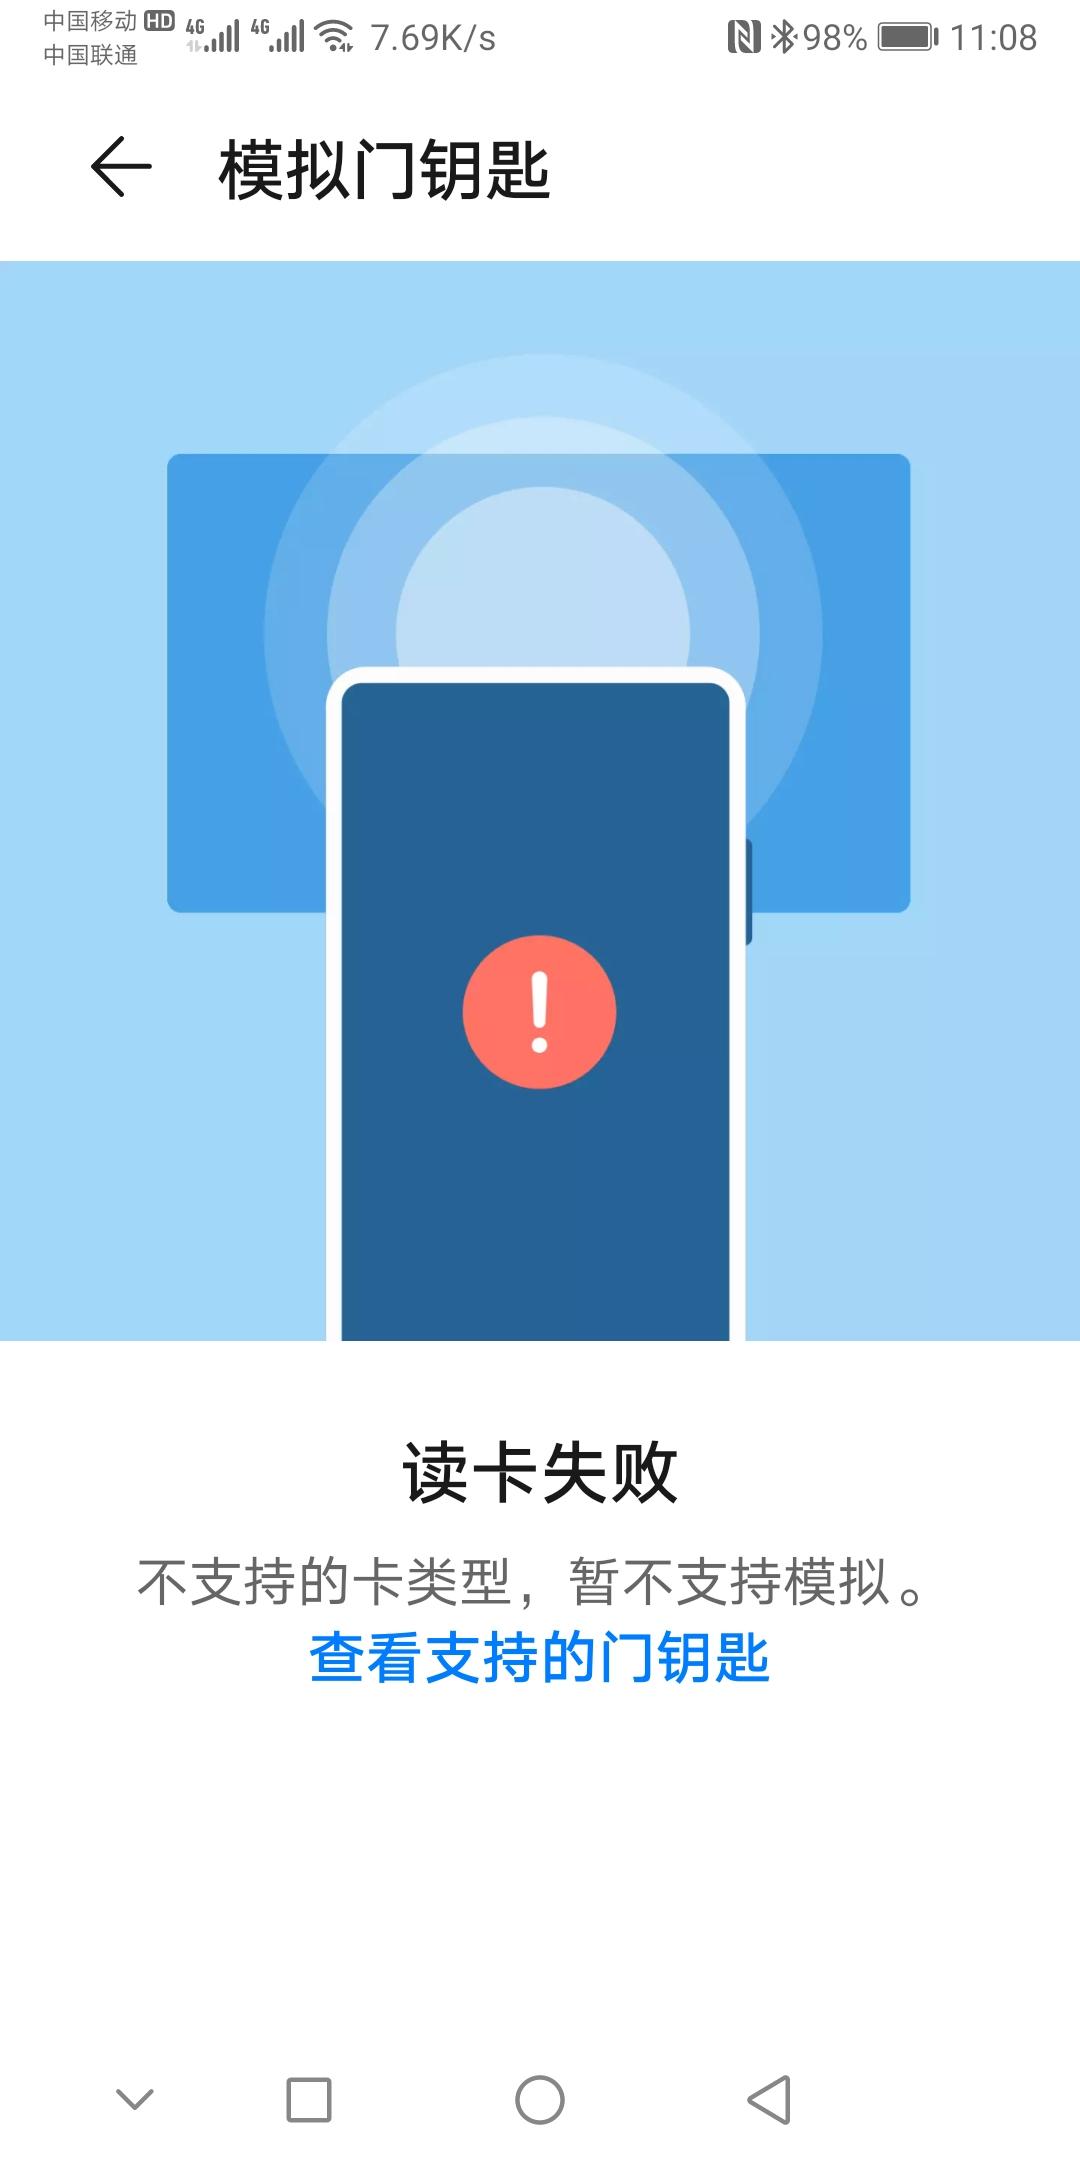 Screenshot_20200315_110819_com.huawei.wallet[1].jpg